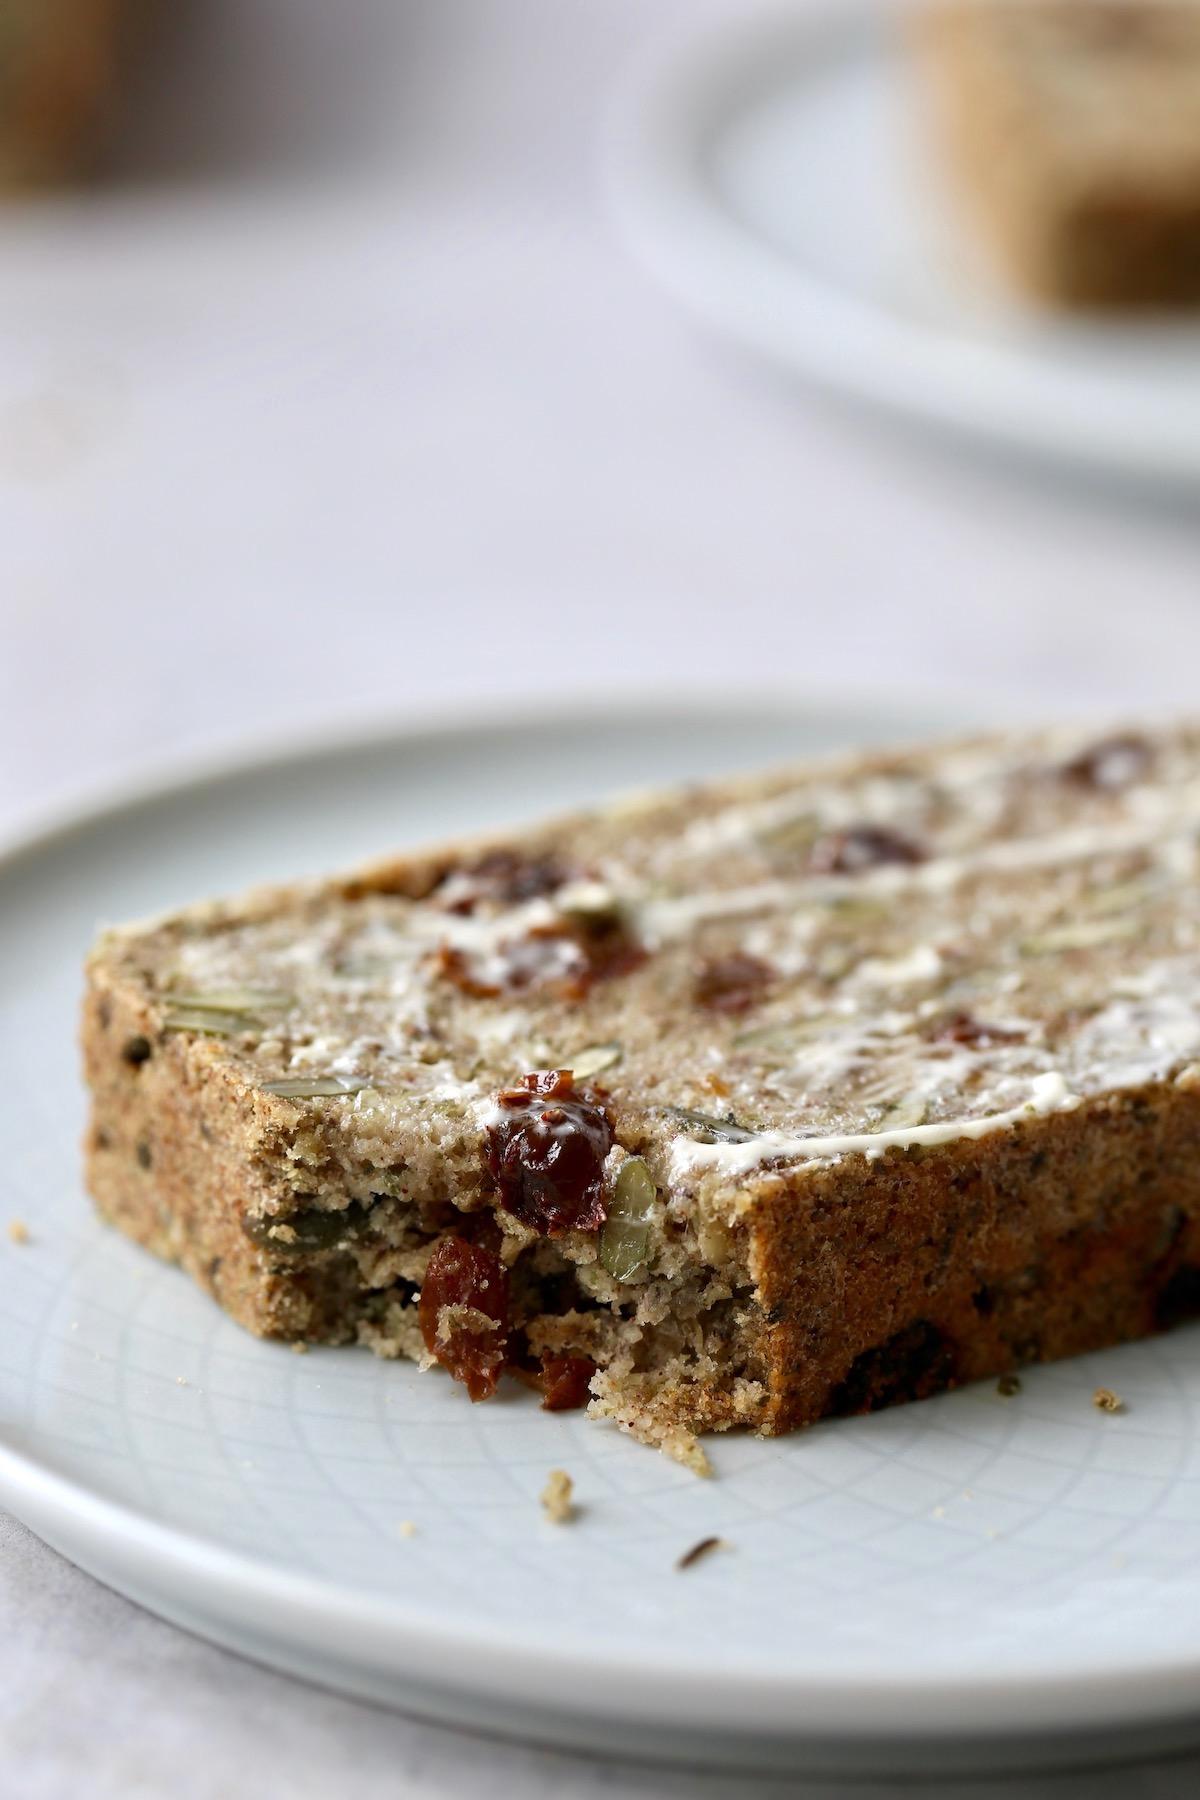 a bite taken out of gluten free cinnamon raisin seed bread